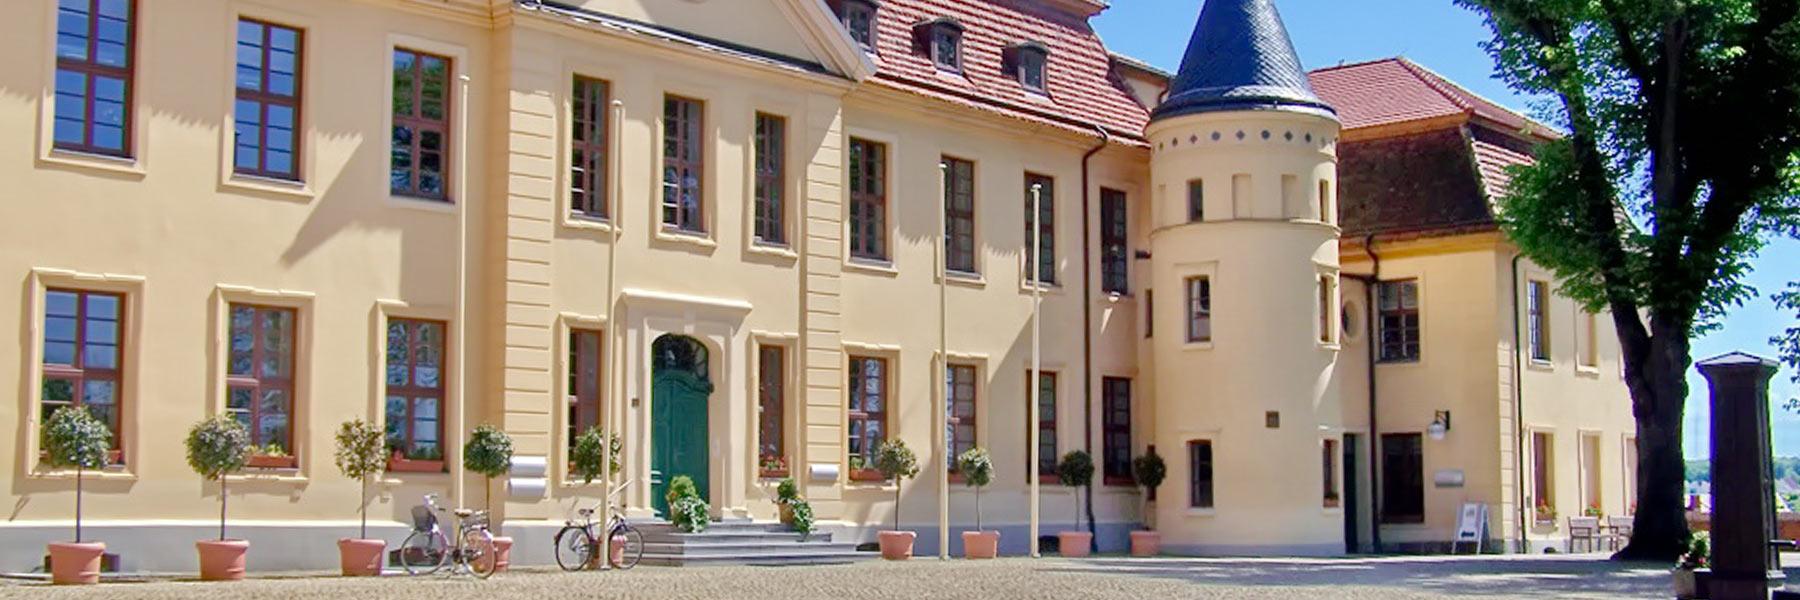 Schloss - Stavenhagen